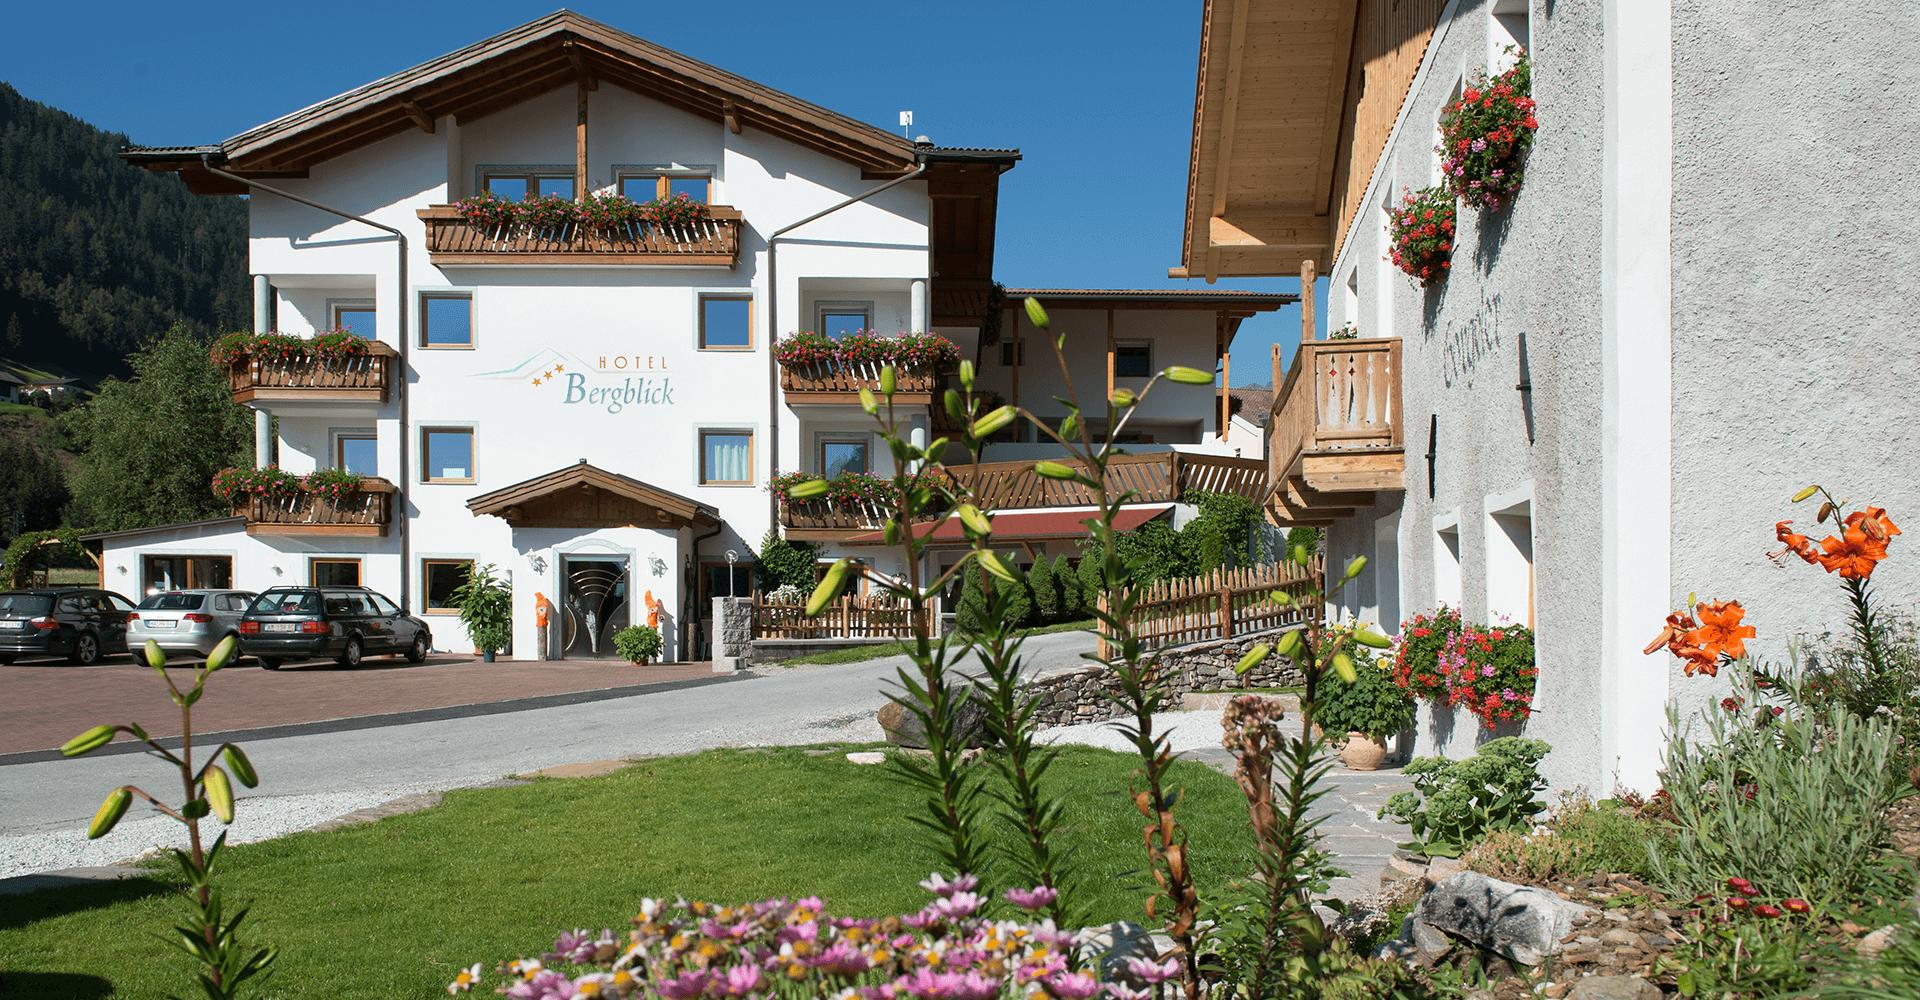 Außenansicht Hotel Bergblick